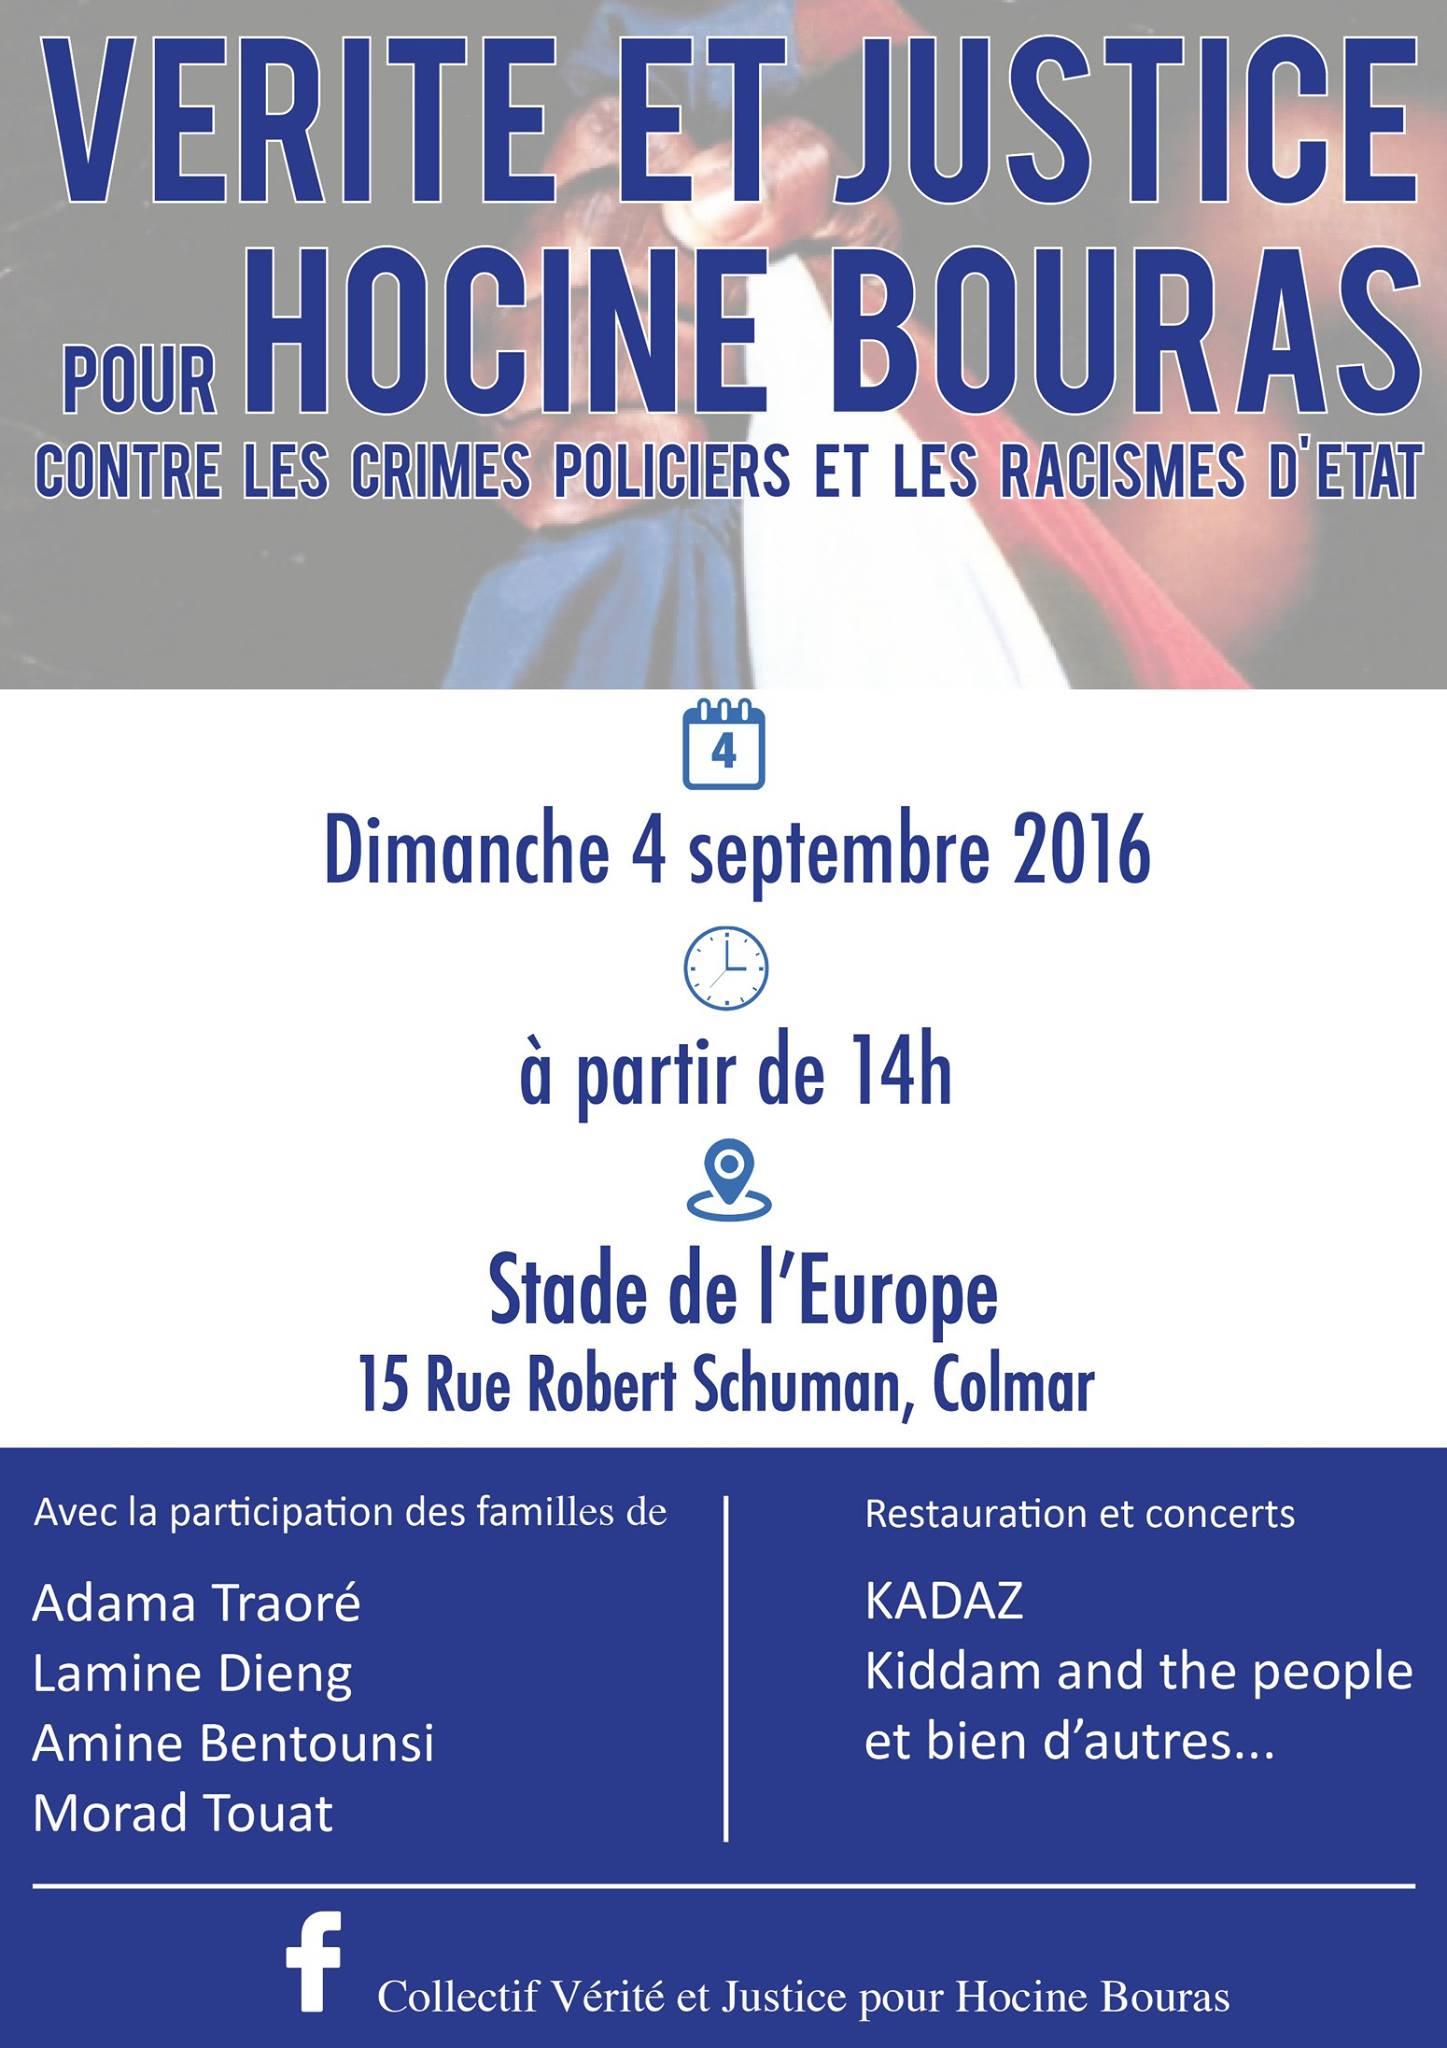 Vérité et justice pour Hocine Bouras : Rencontre publique le 04 septembre 2016 à Colmar